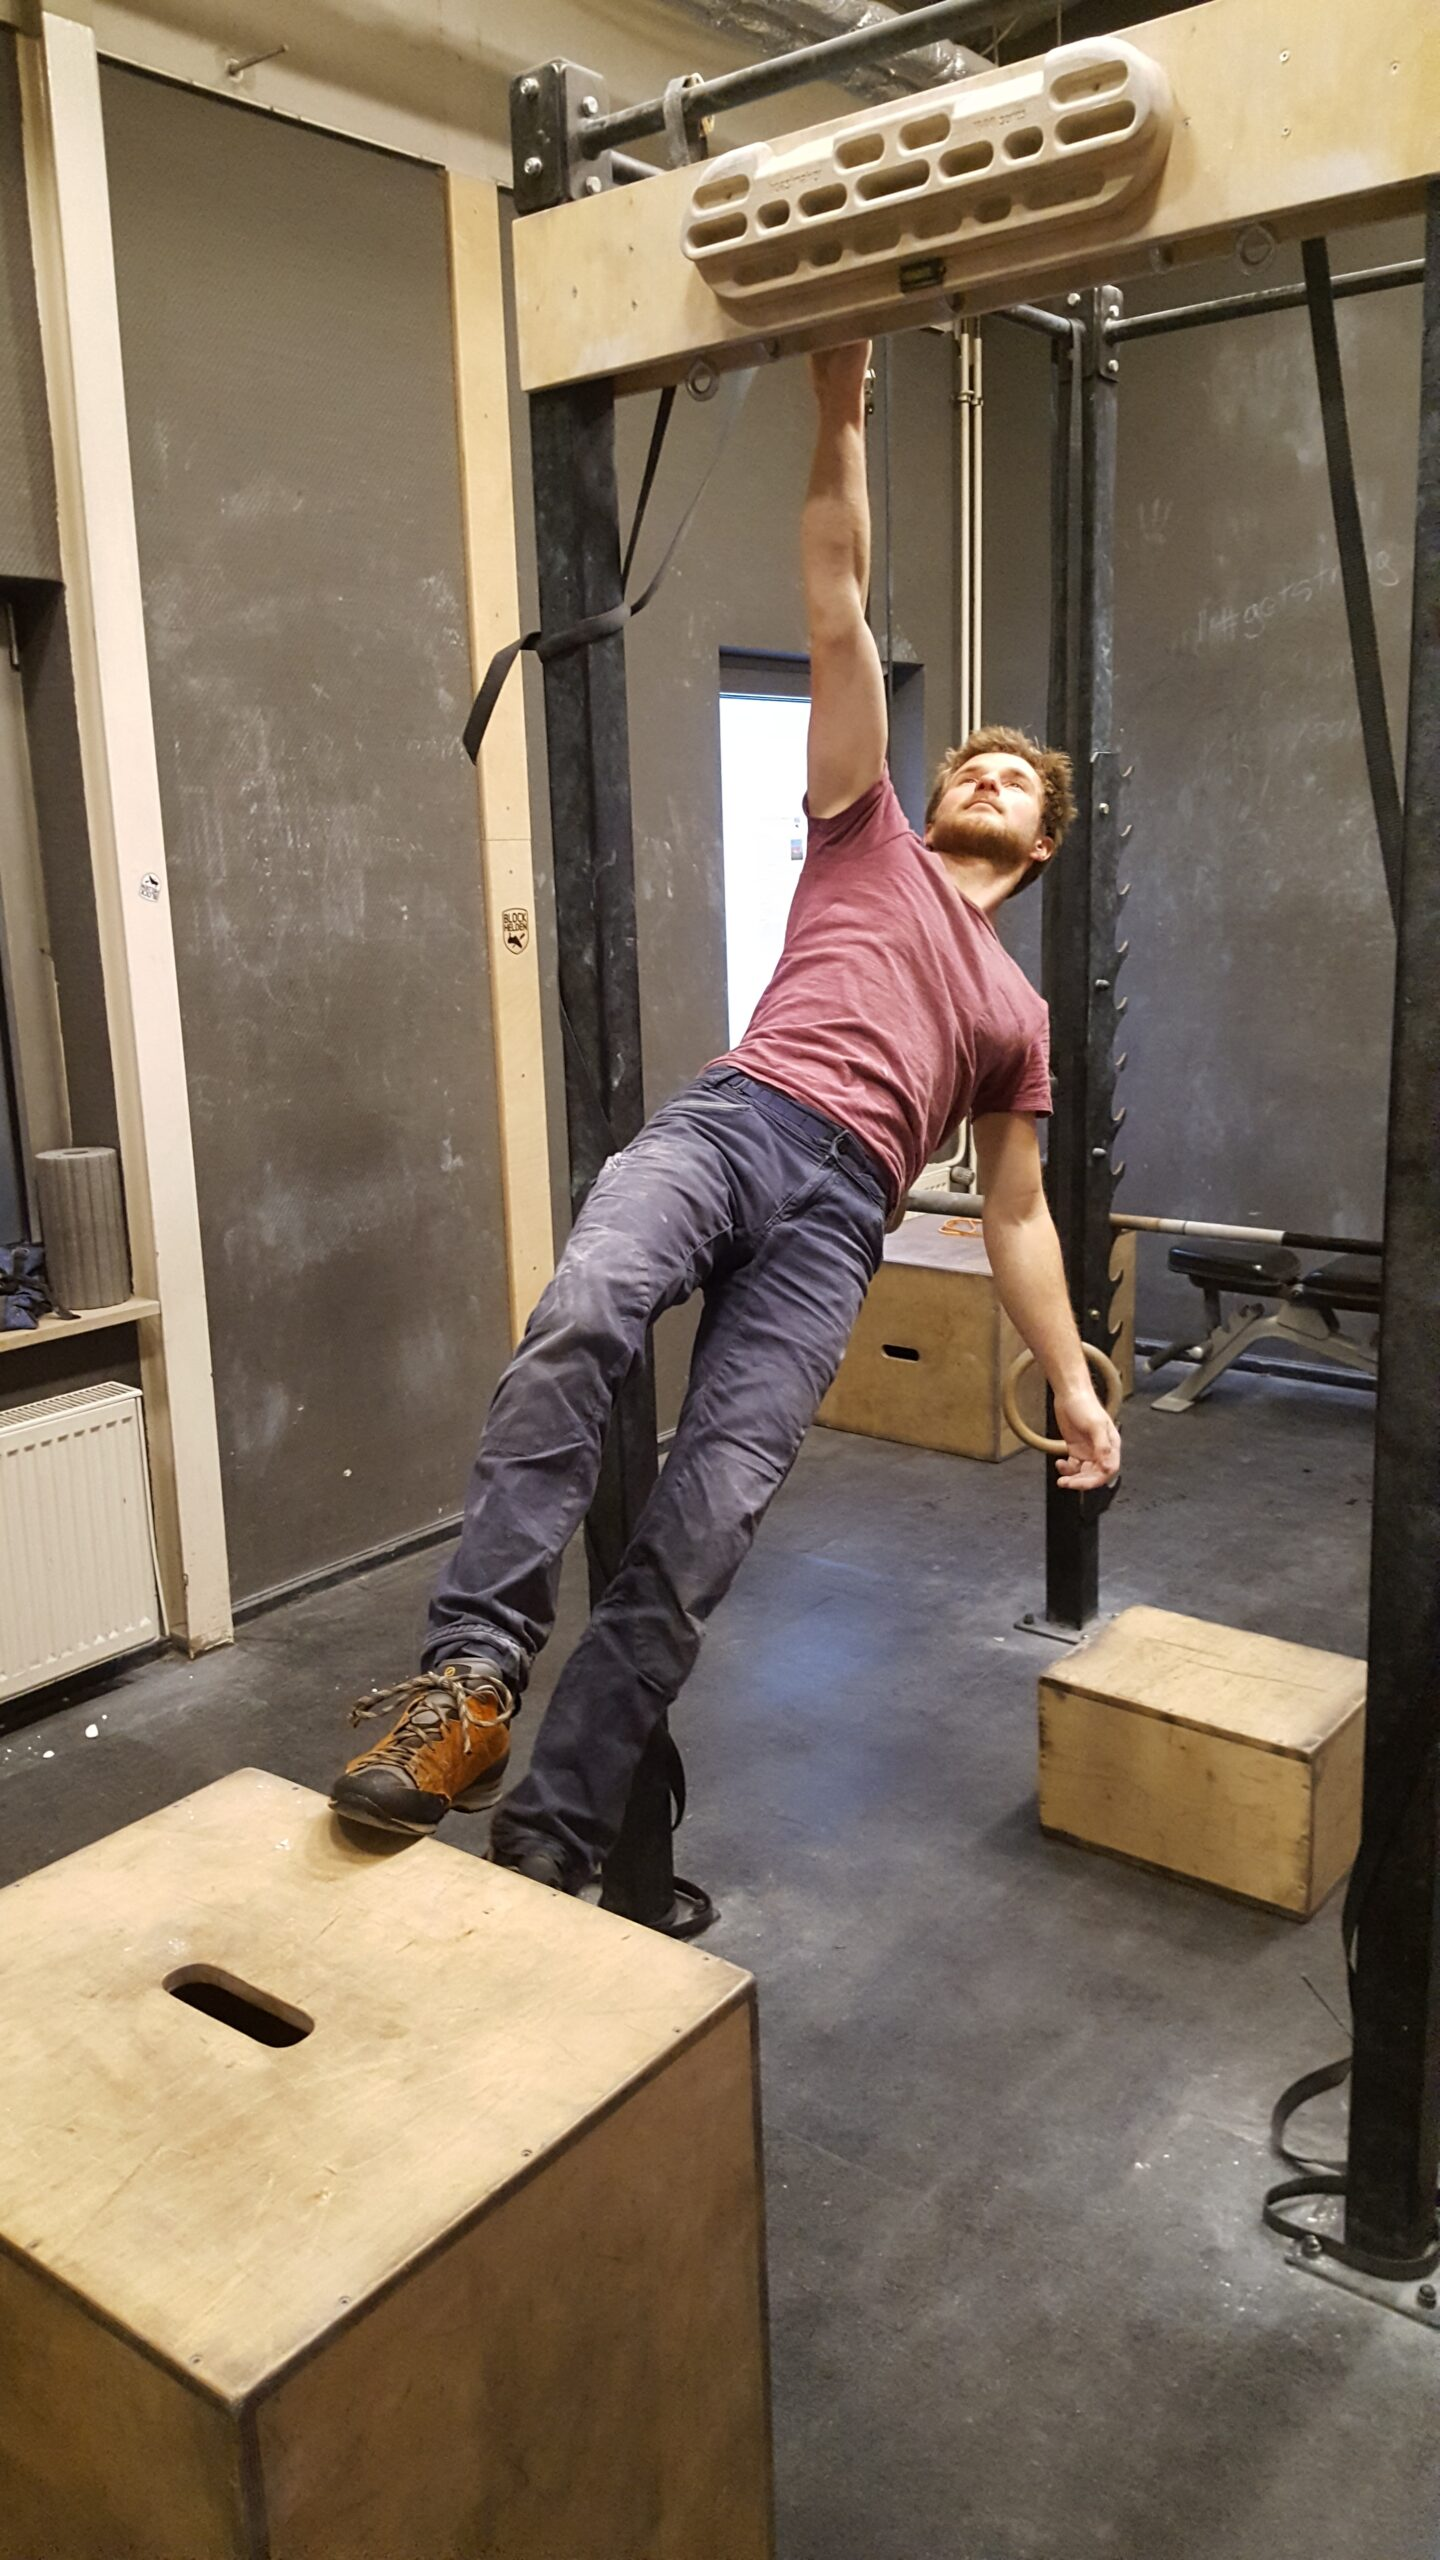 Maxi Karrer Übungen am Griffbrett, Krafttraining für Daheim